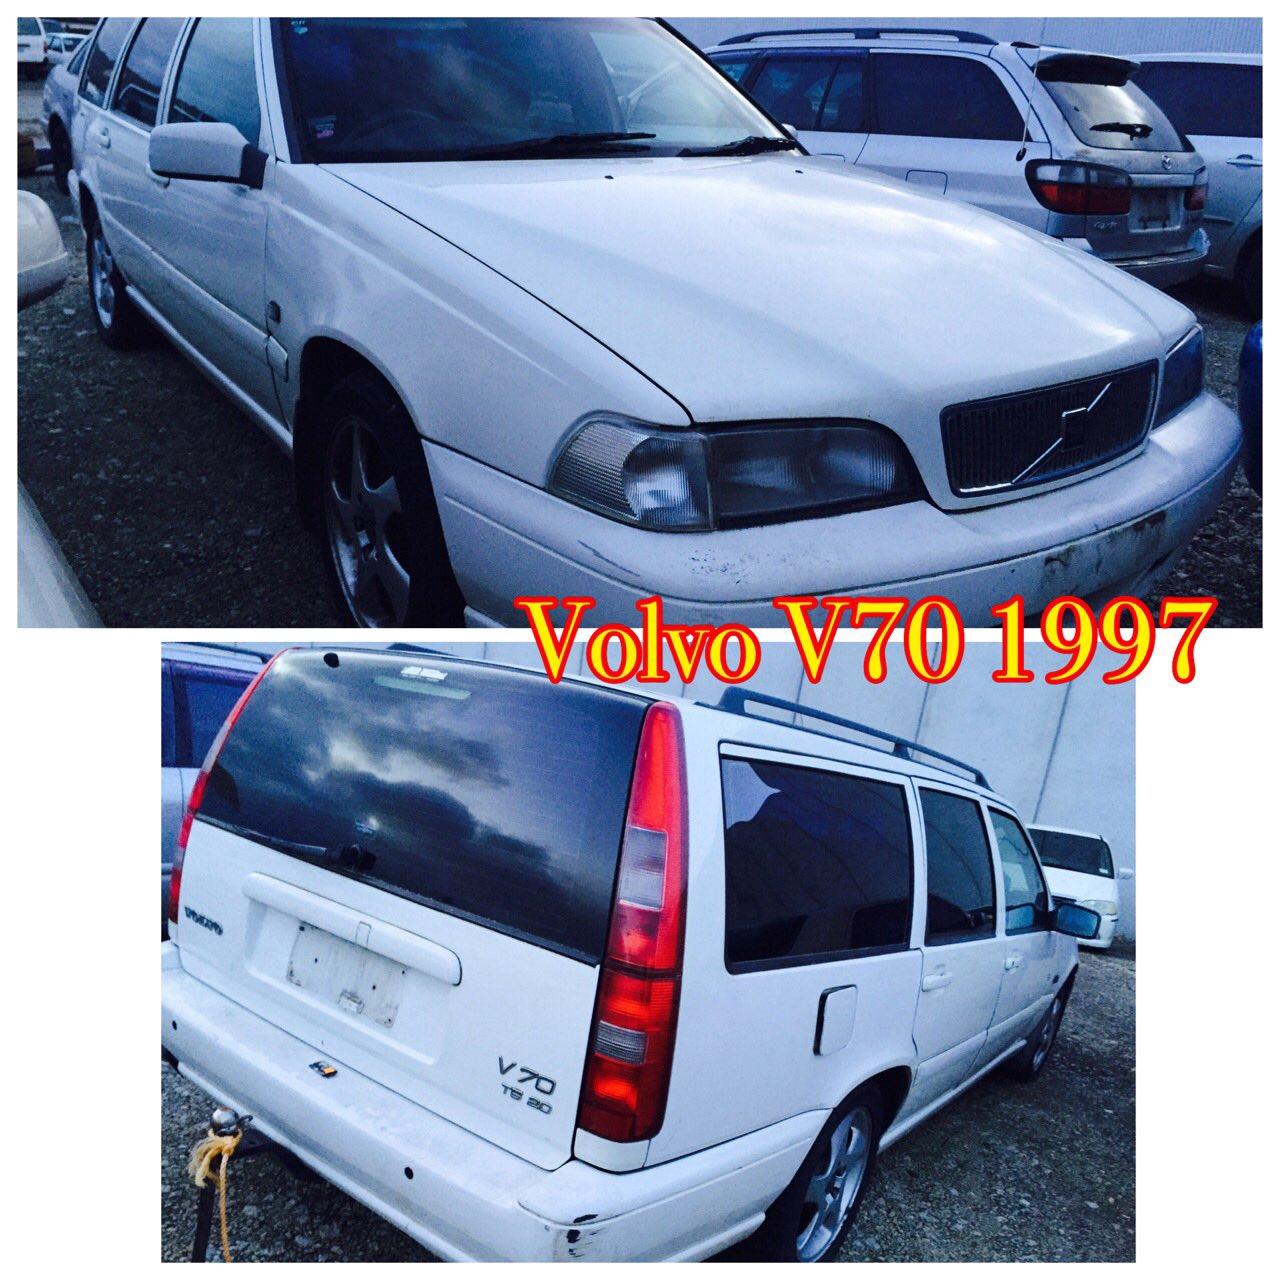 Volvo V70 97